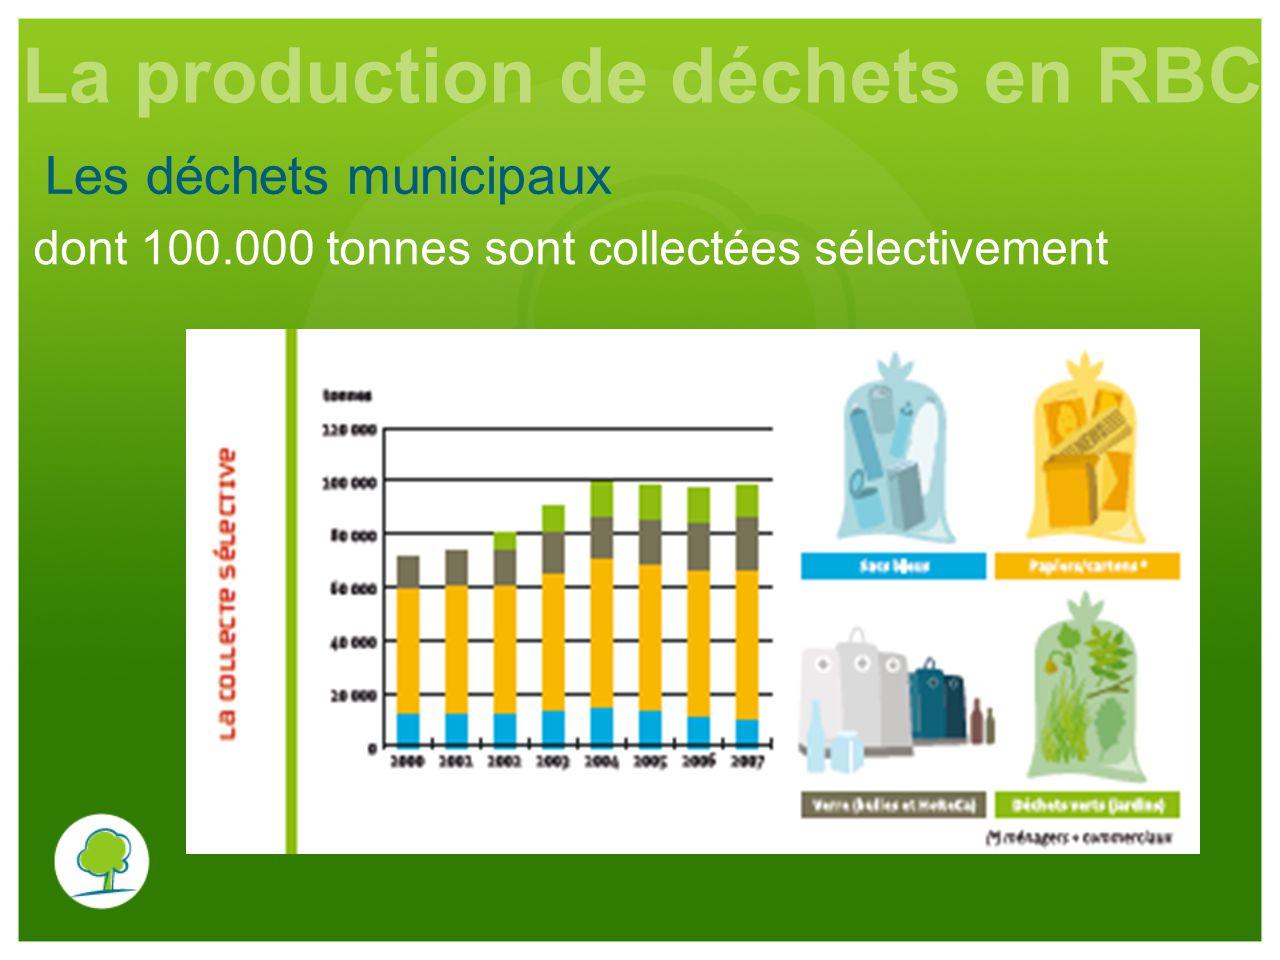 Les déchets municipaux La production de déchets en RBC dont 100.000 tonnes sont collectées sélectivement